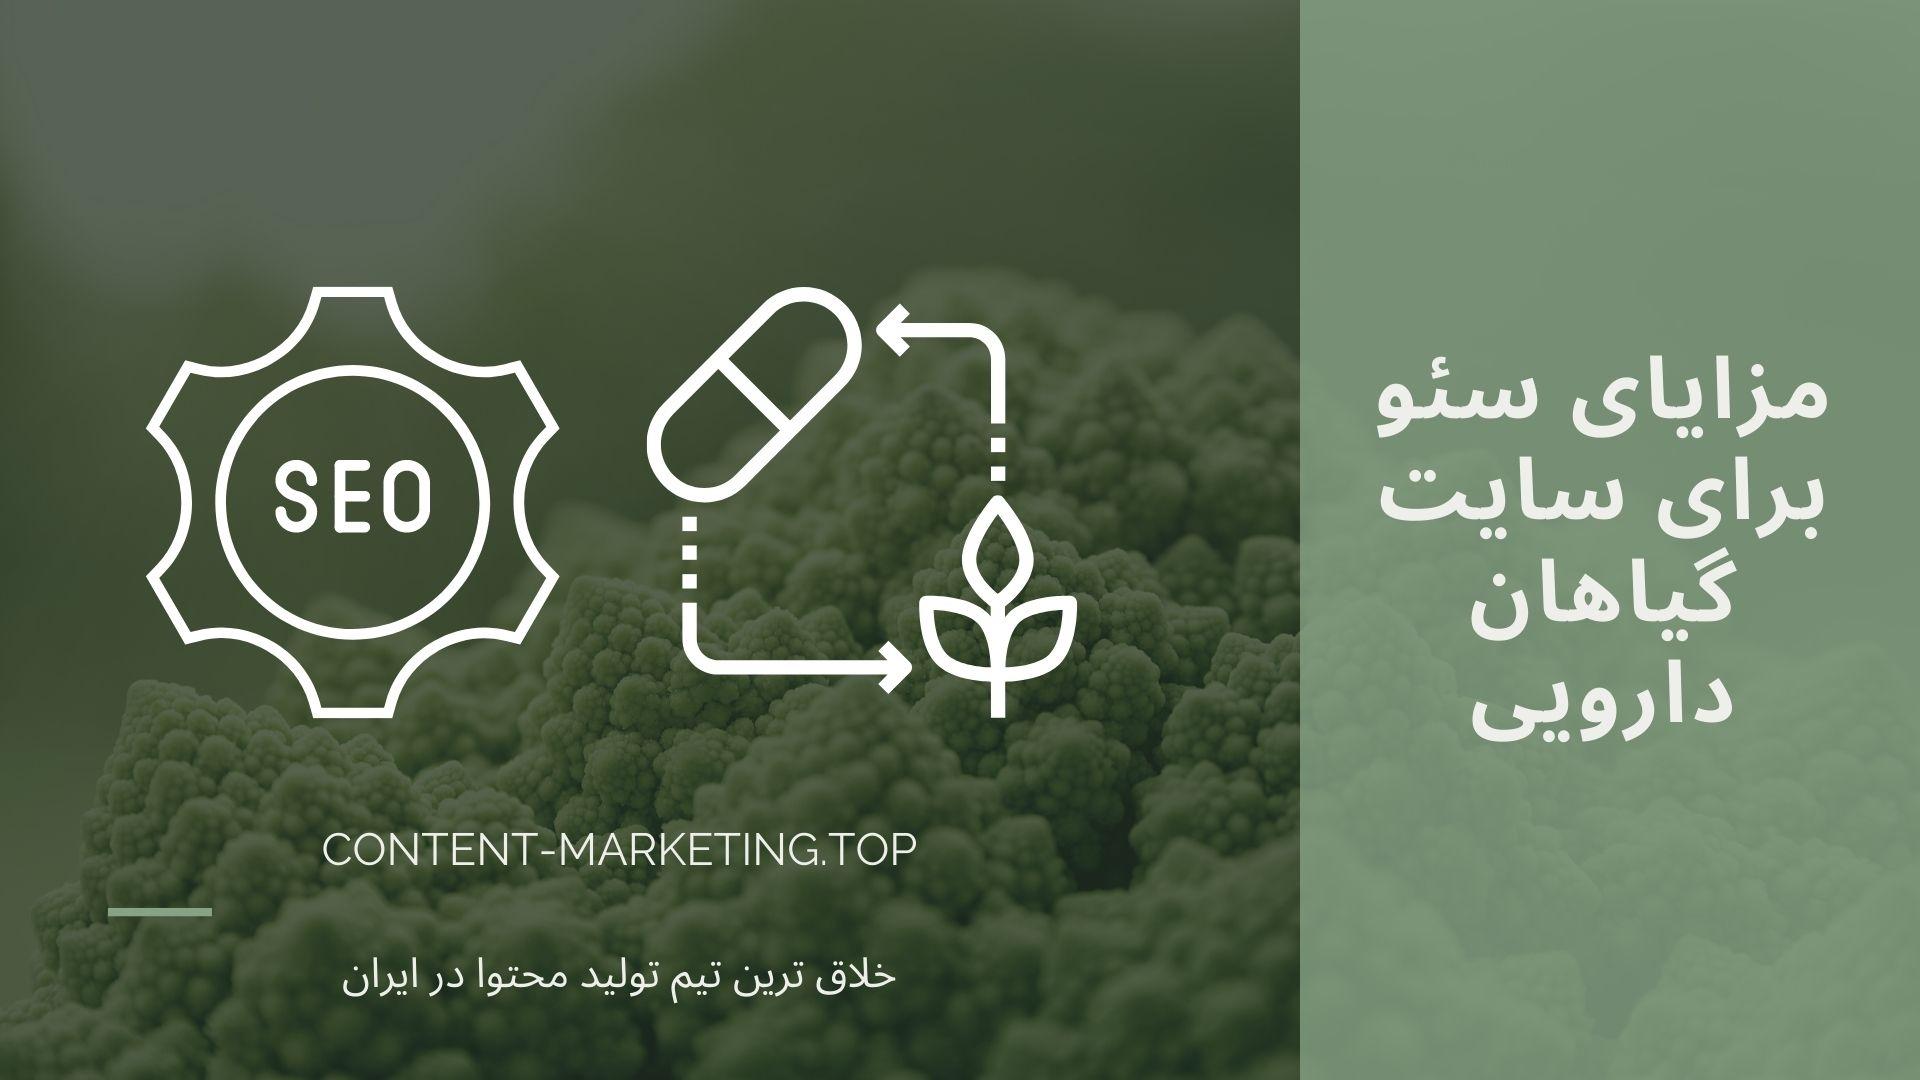 مزایای سئو برای سایت گیاهان دارویی